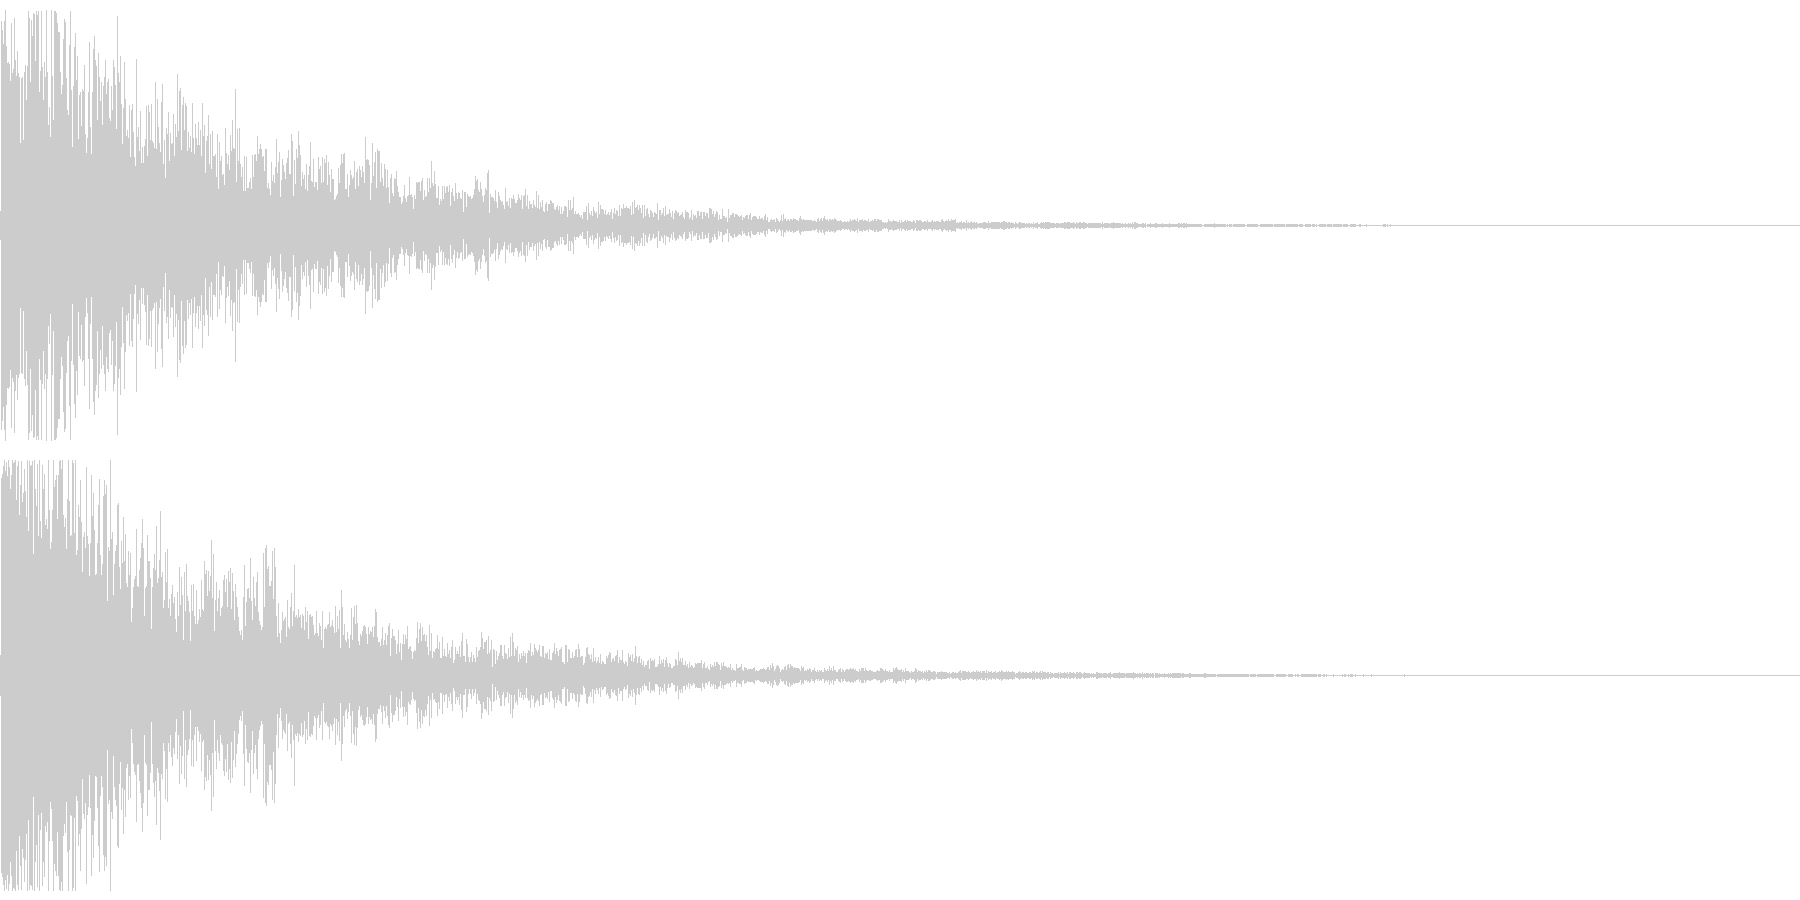 テレレン↓ クリアな響きのボタン音の未再生の波形